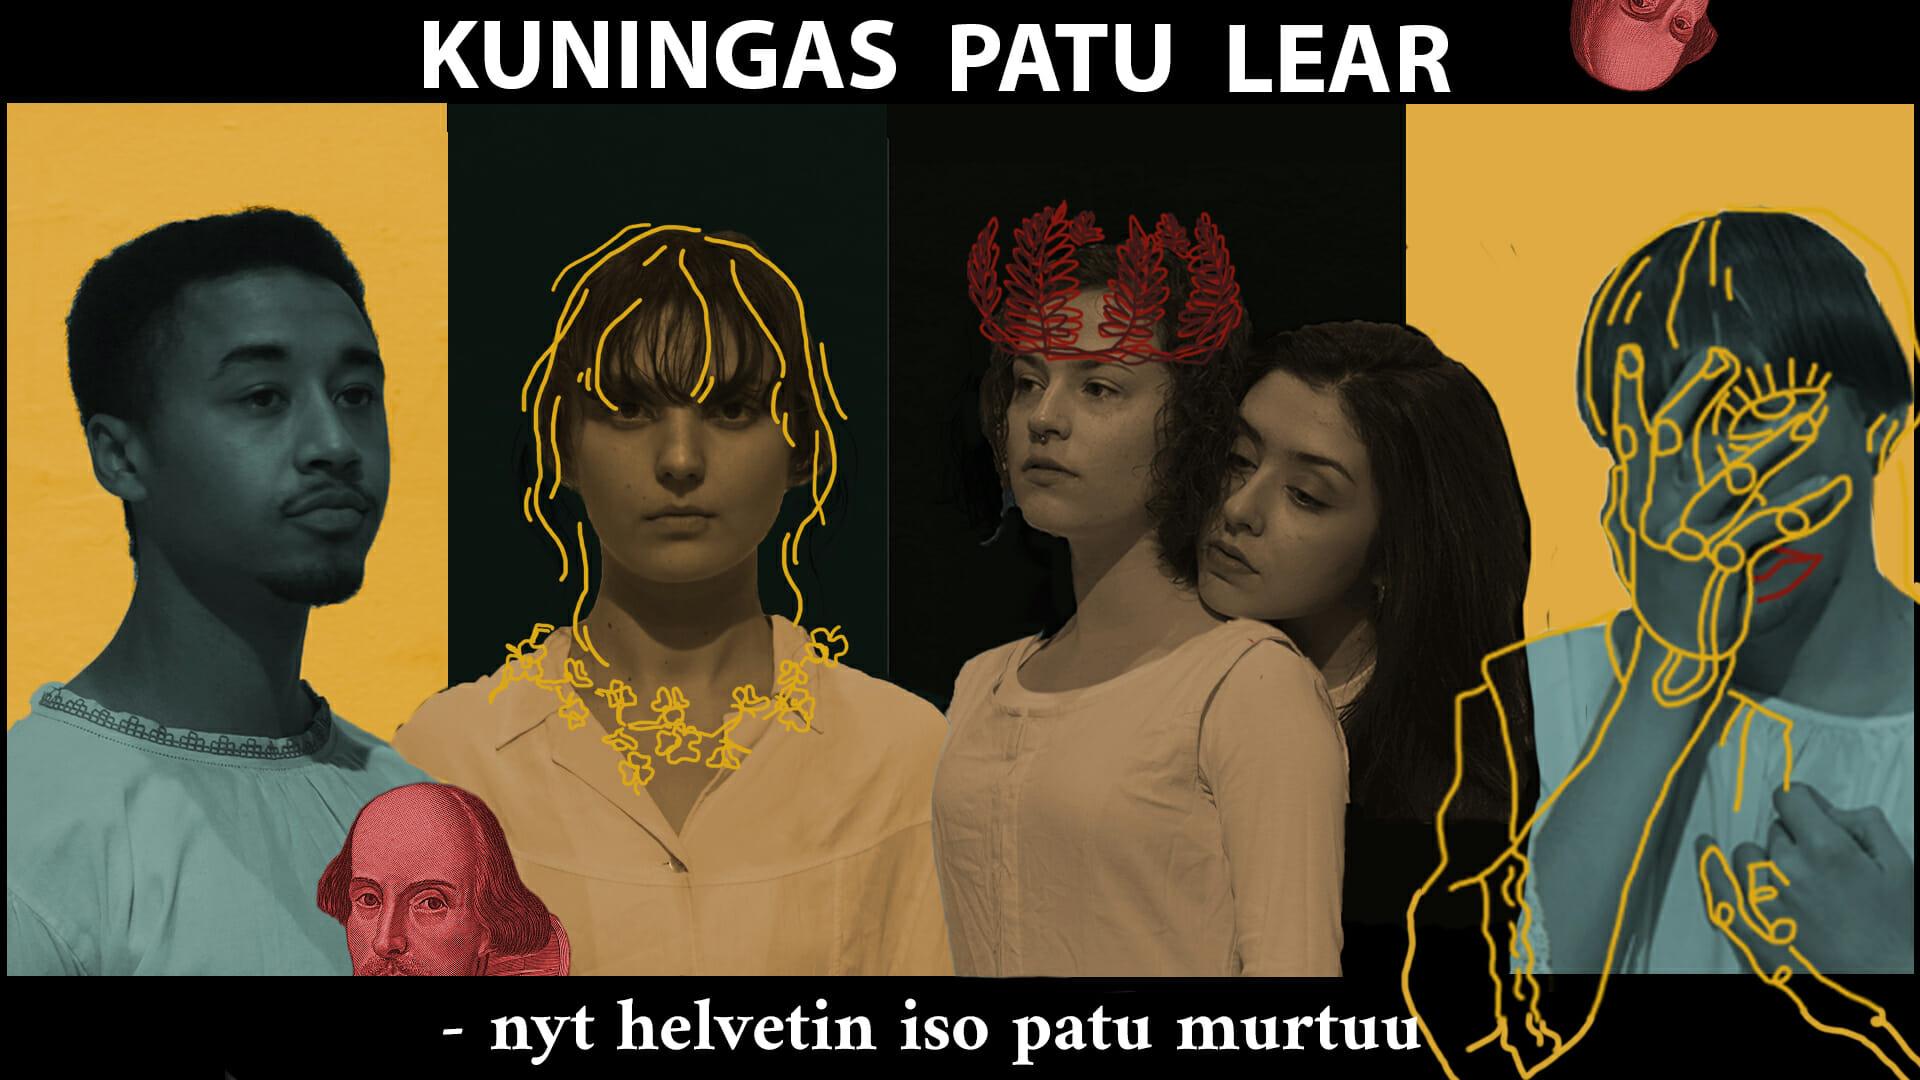 Kuningas patu Lear